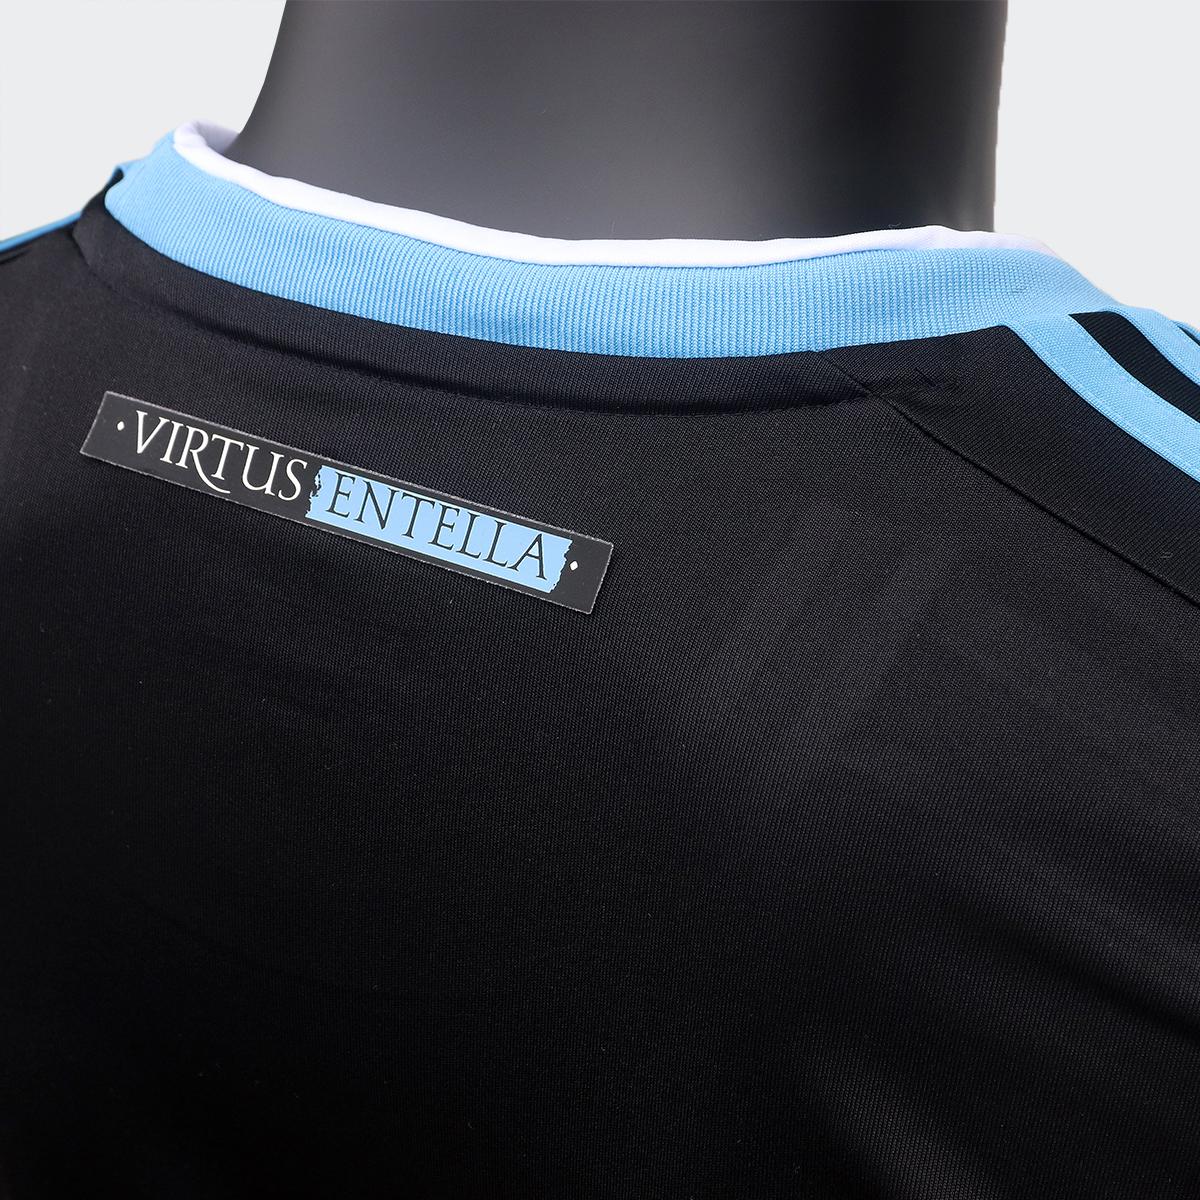 MAGLIA ufficiale stag. 2018/19 adidas NERA (DIVISA DA TRASFERTA) - Virtus Entella Store